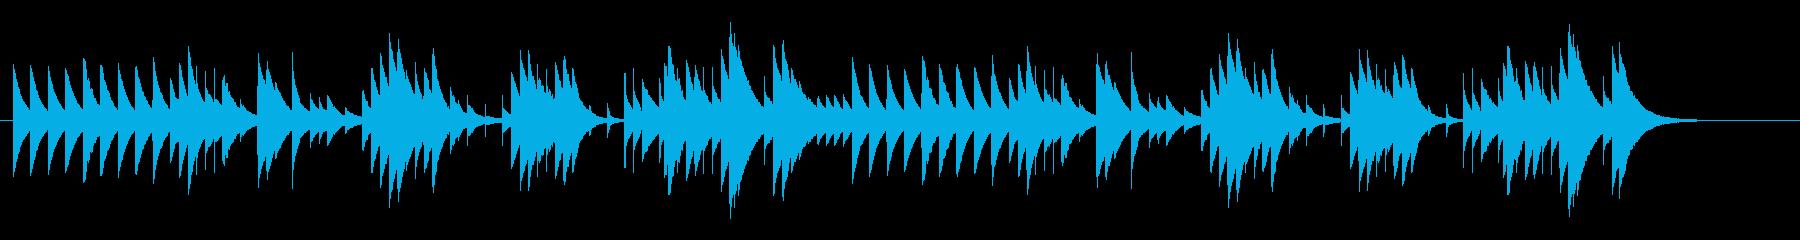 オルゴールG線上のアリアBPM48の再生済みの波形